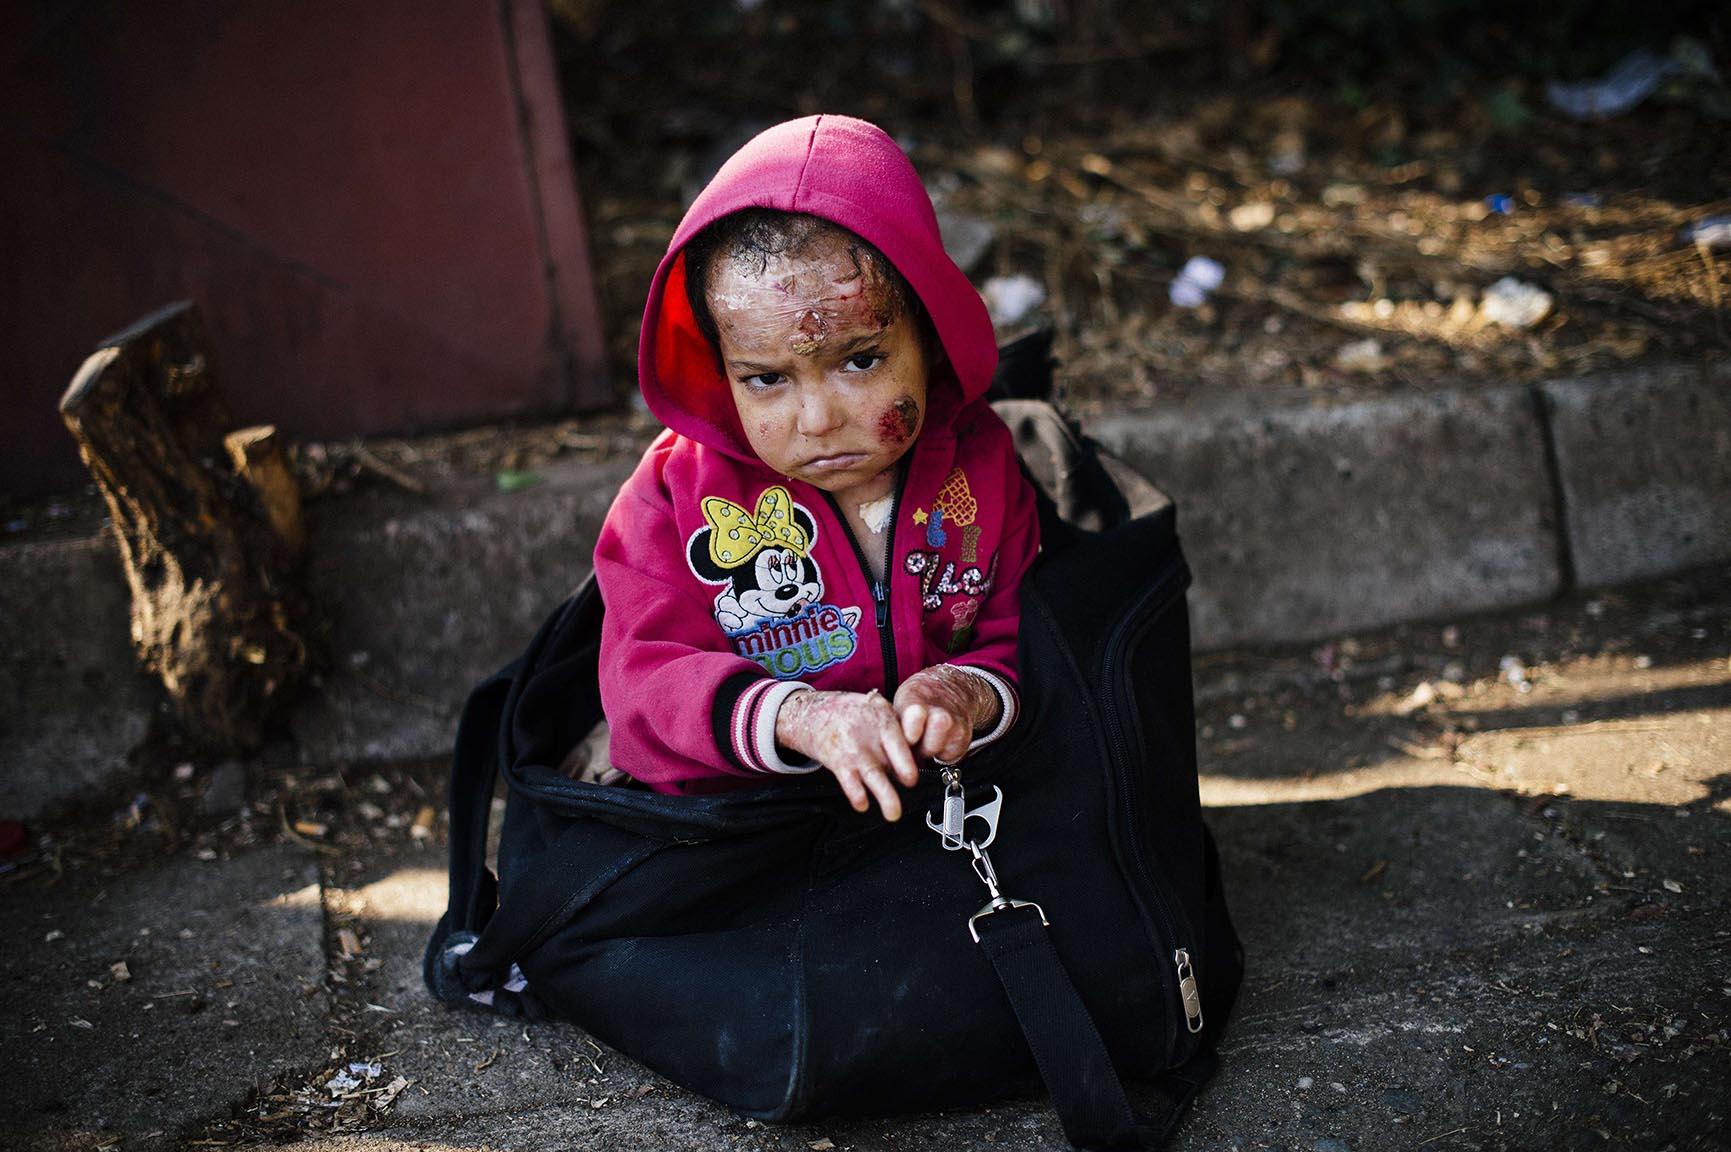 Syrian child injured